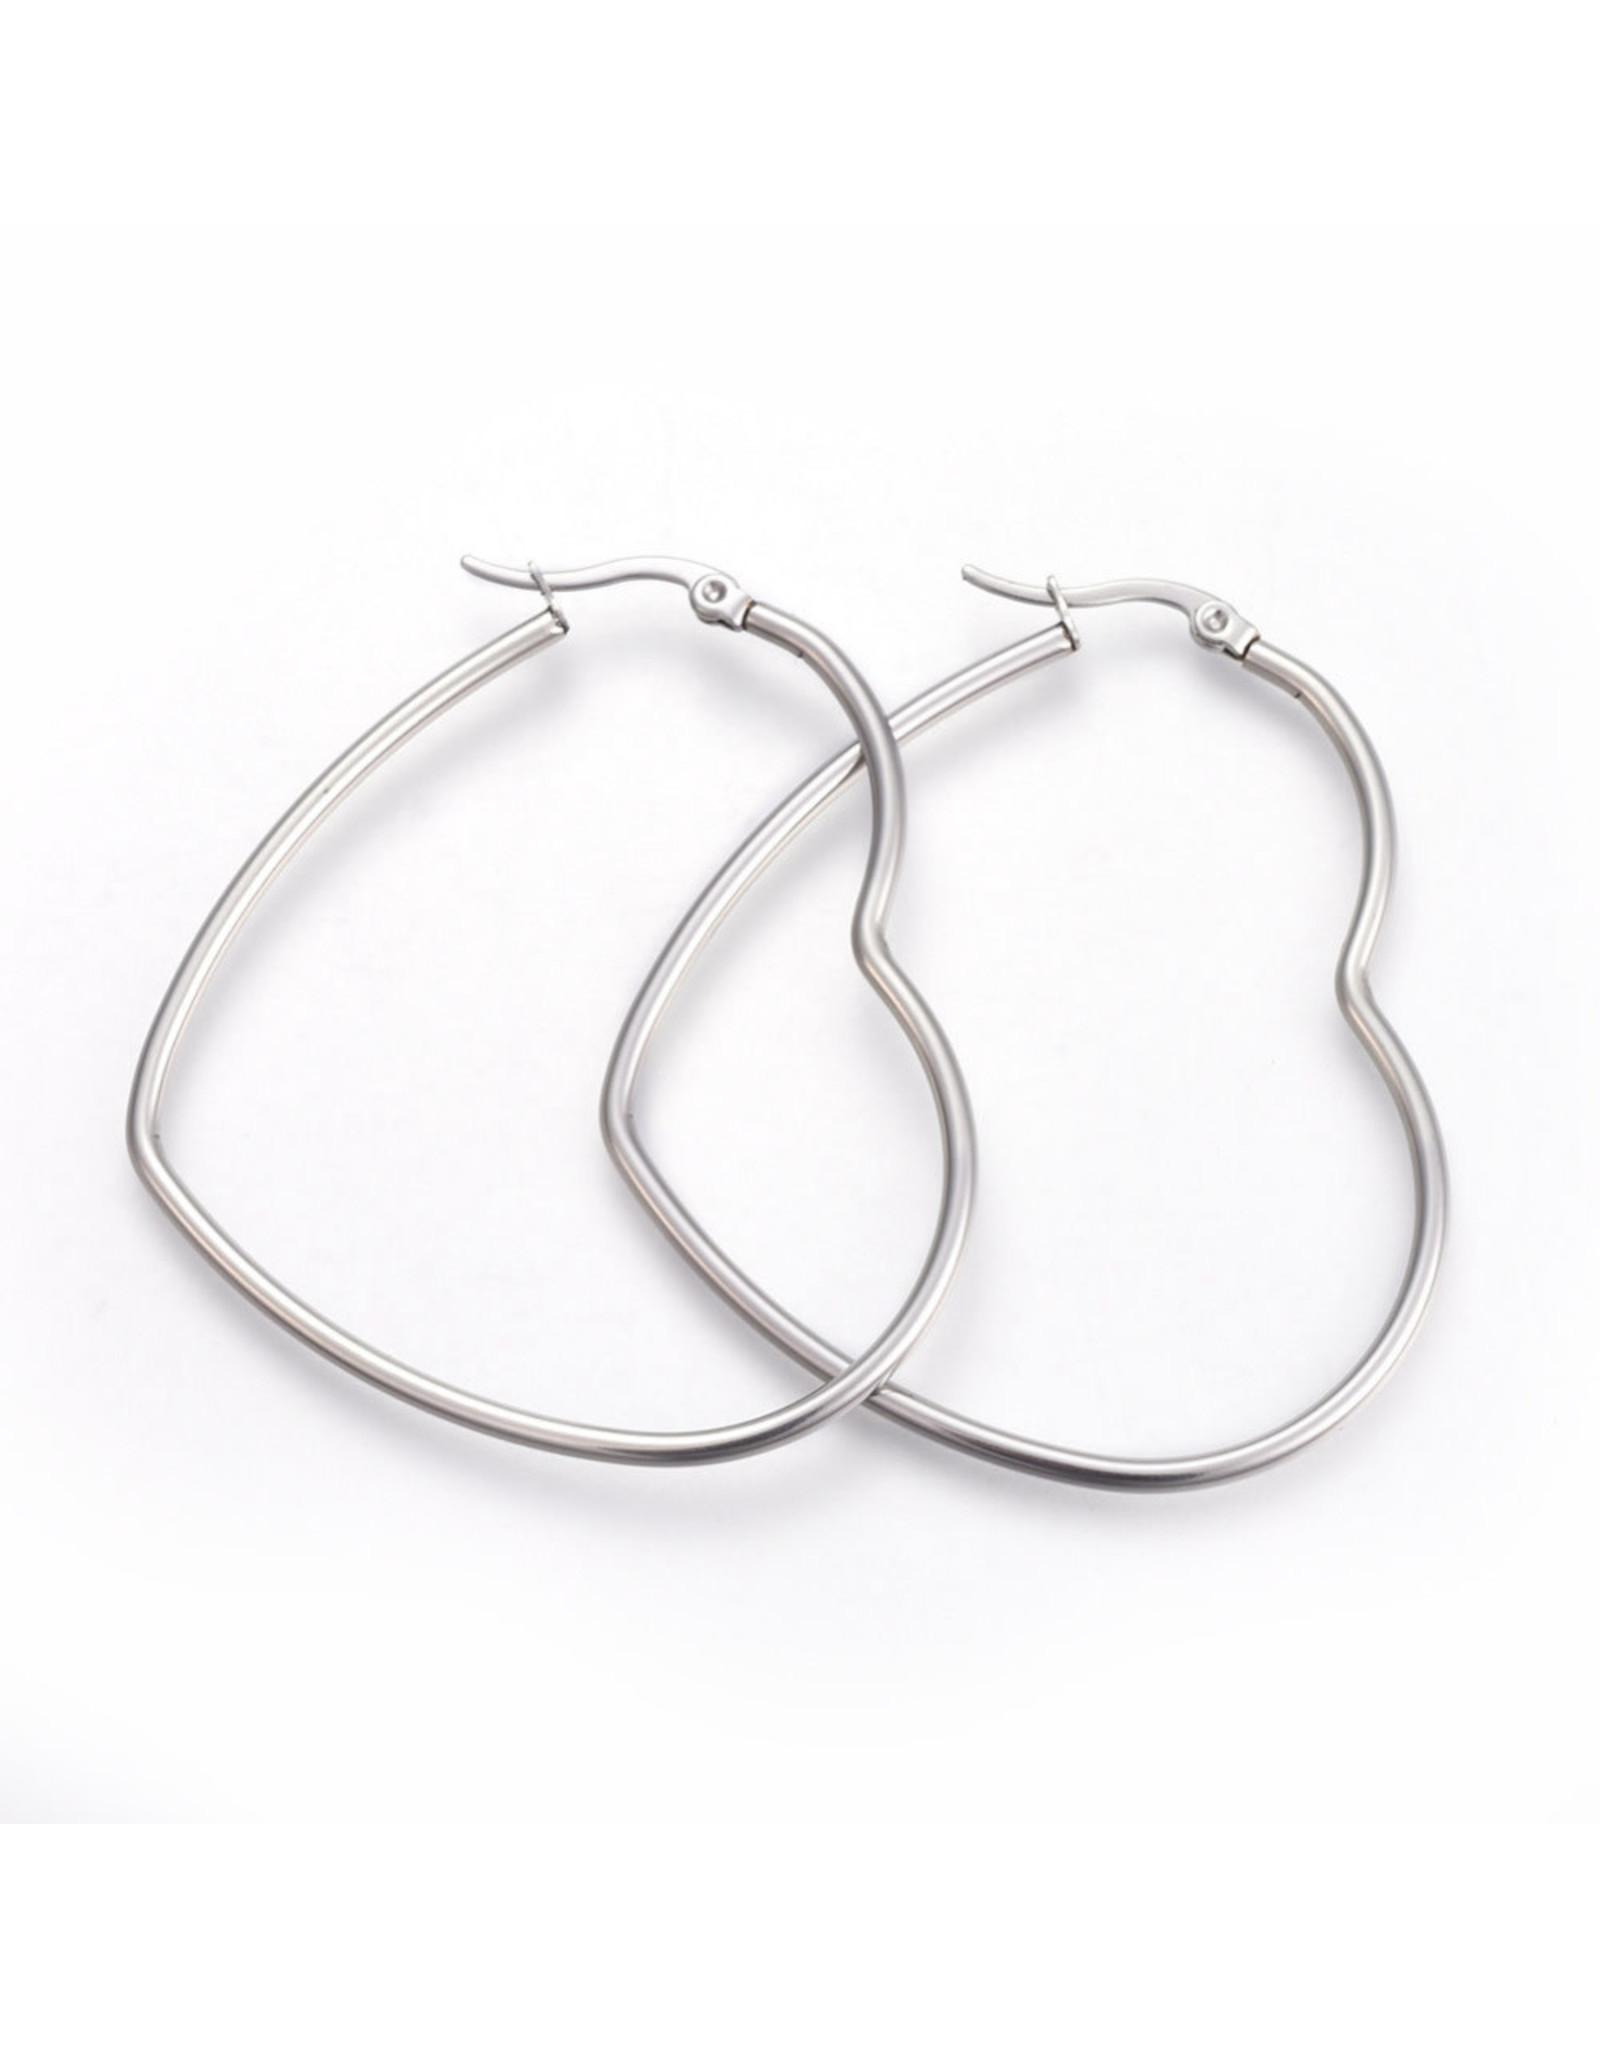 Hoop Earring Heart 66x57mm Stainless Steel  x1 Pair